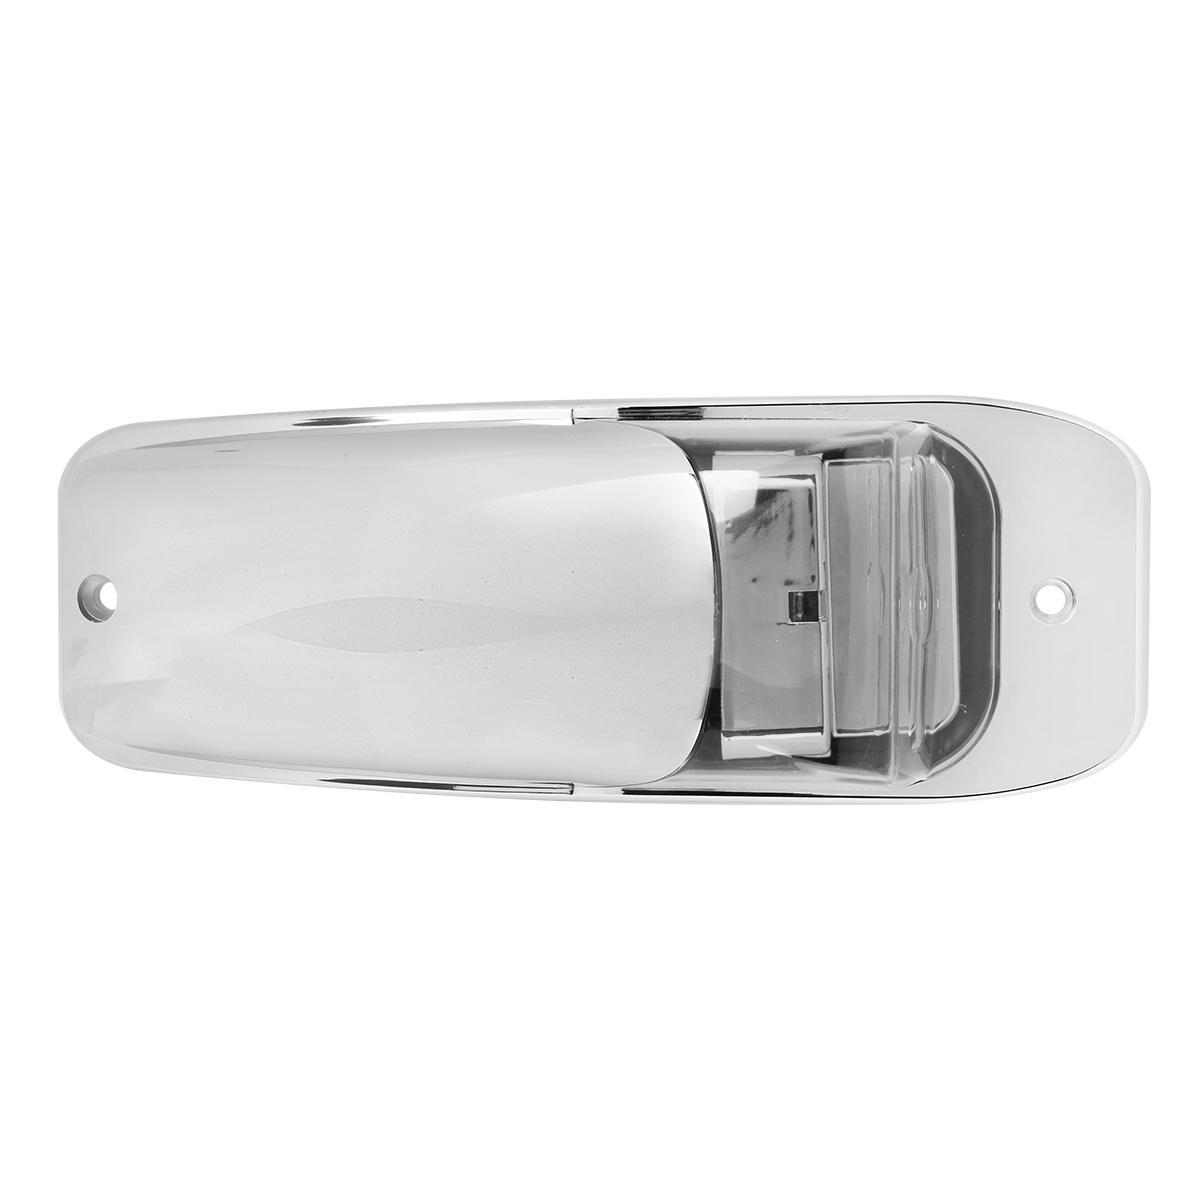 5 chrome 7 led upper cab lights clear amber for peterbilt. Black Bedroom Furniture Sets. Home Design Ideas